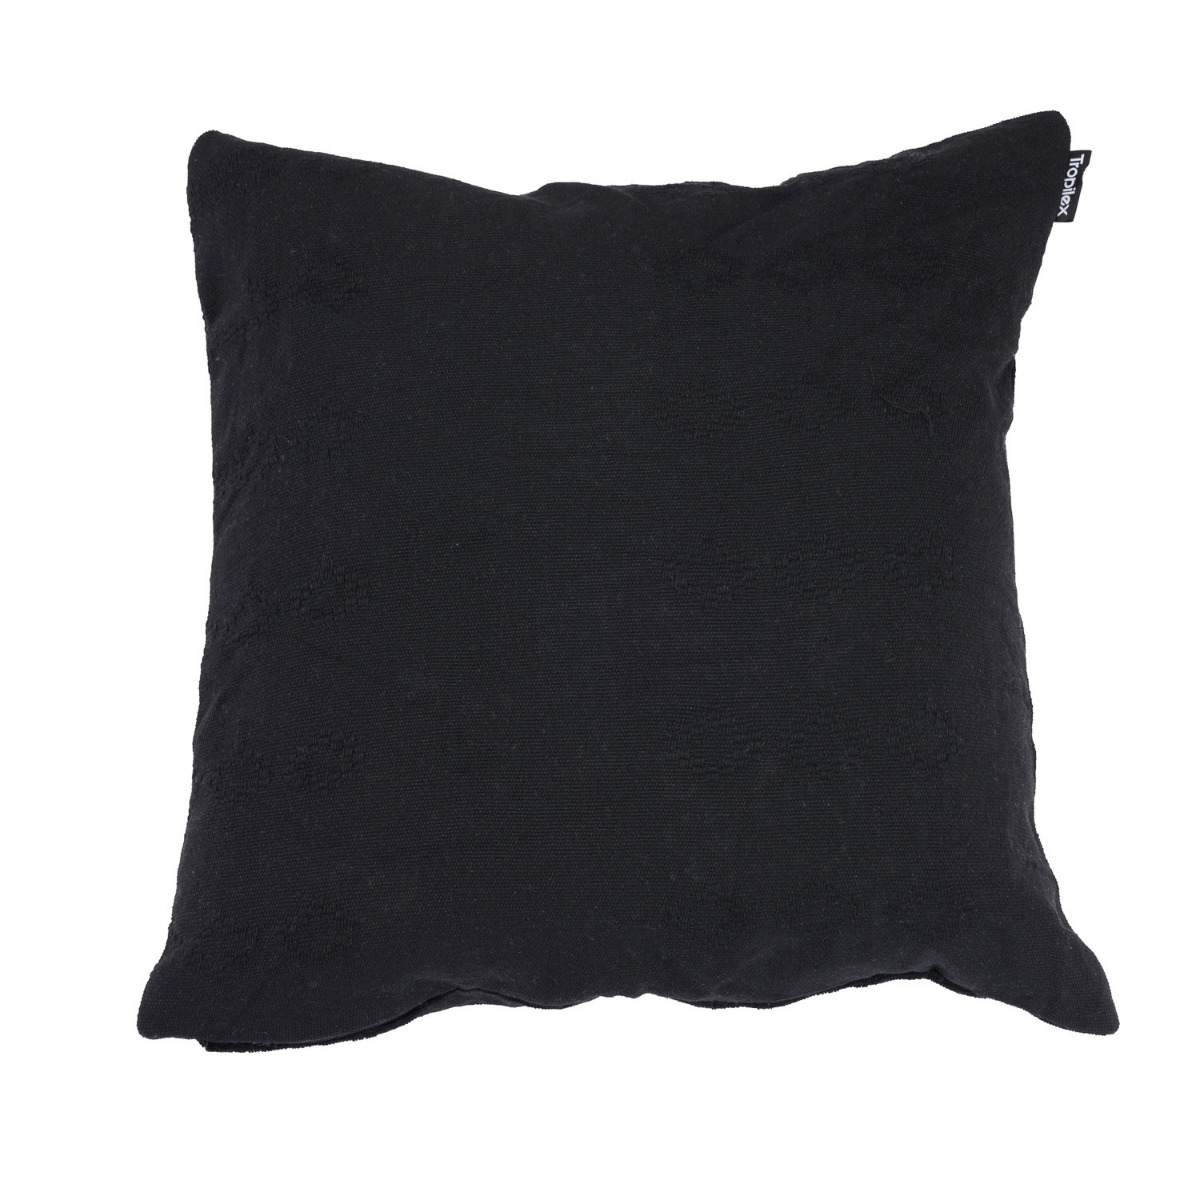 Kussen 'Comfort' Black - Tropilex �